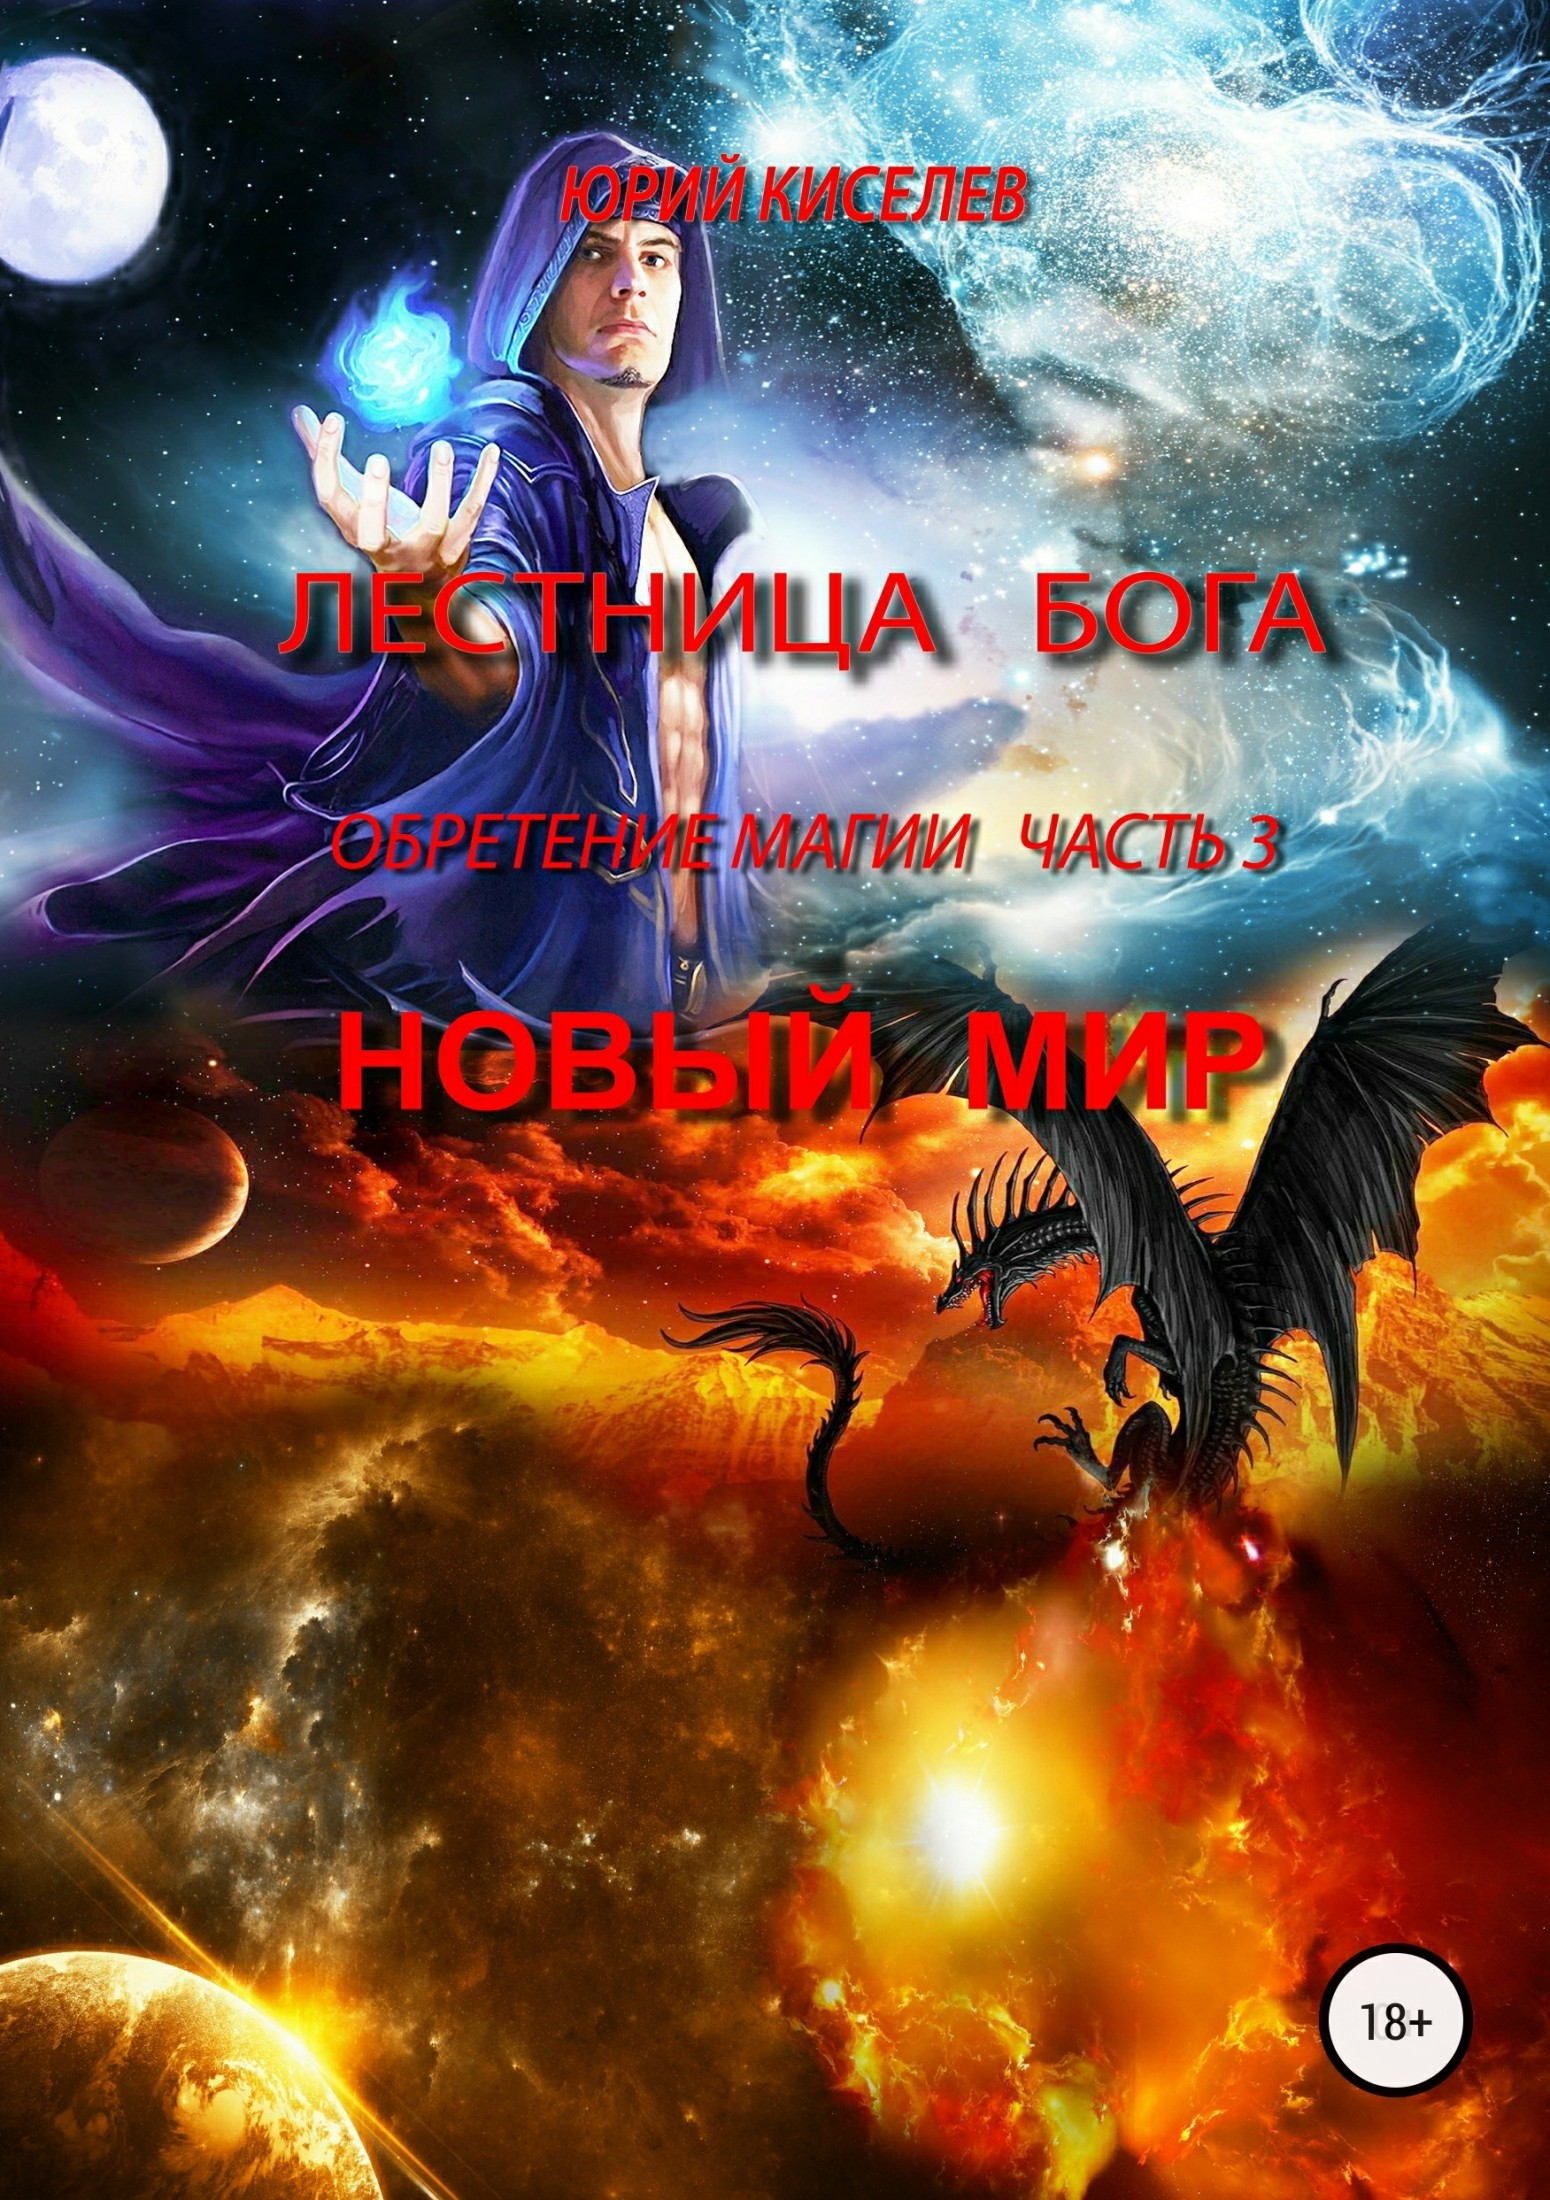 Юрий Киселев Лестница Бога. Обретение магии. Часть 3. Новый мир цена 2017